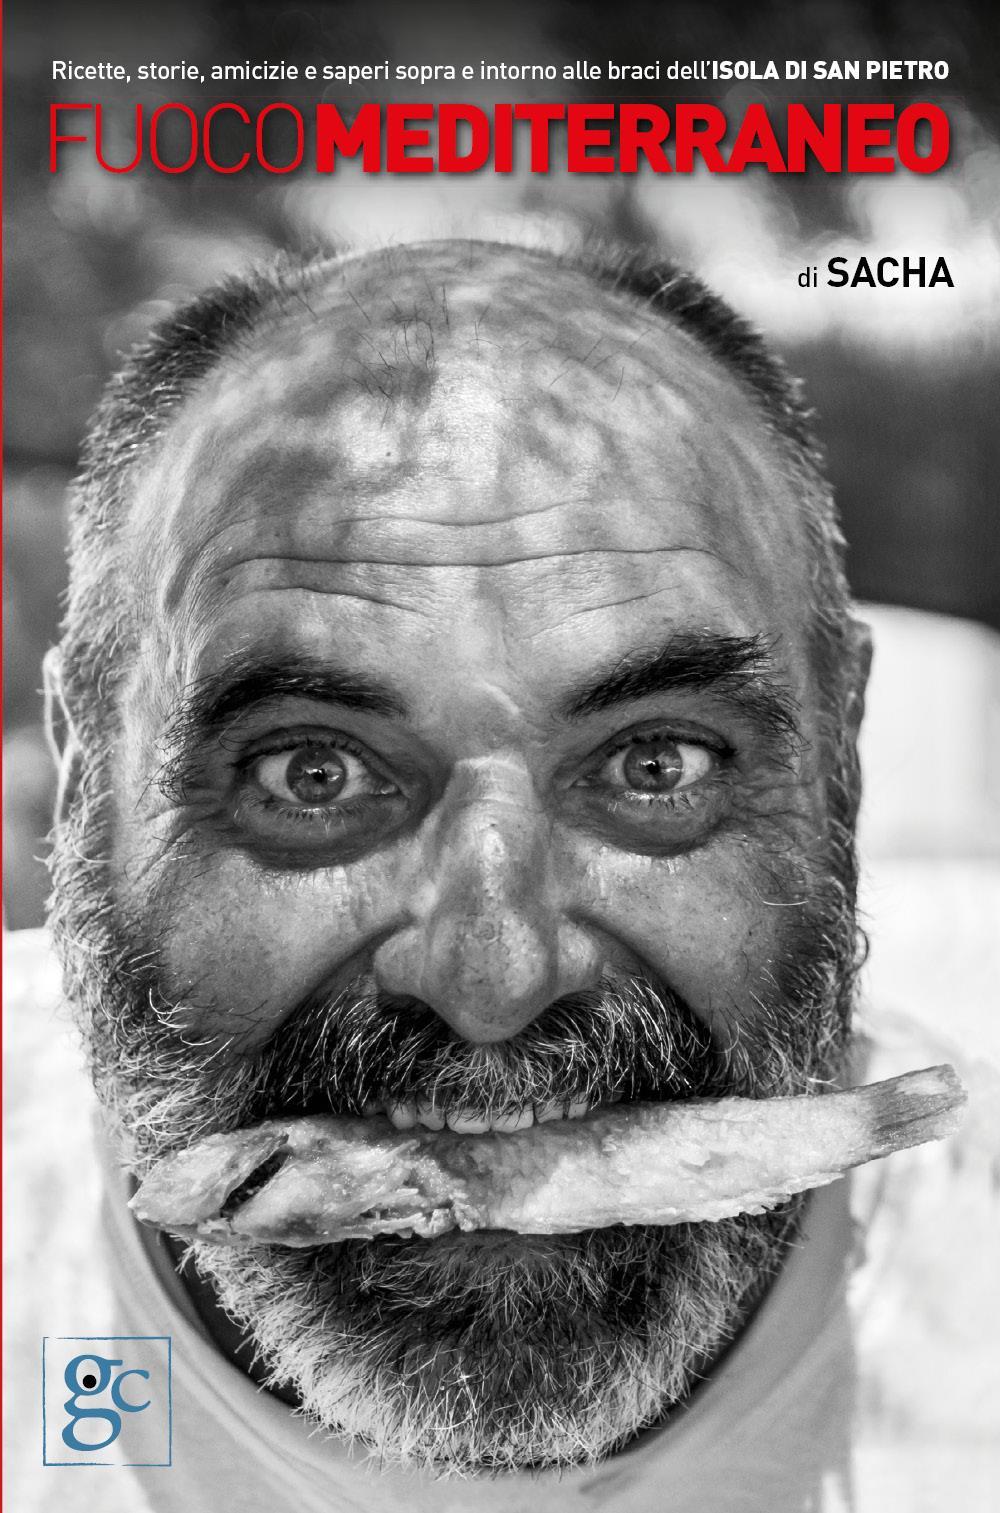 Fuoco Mediterraneo - di Sacha